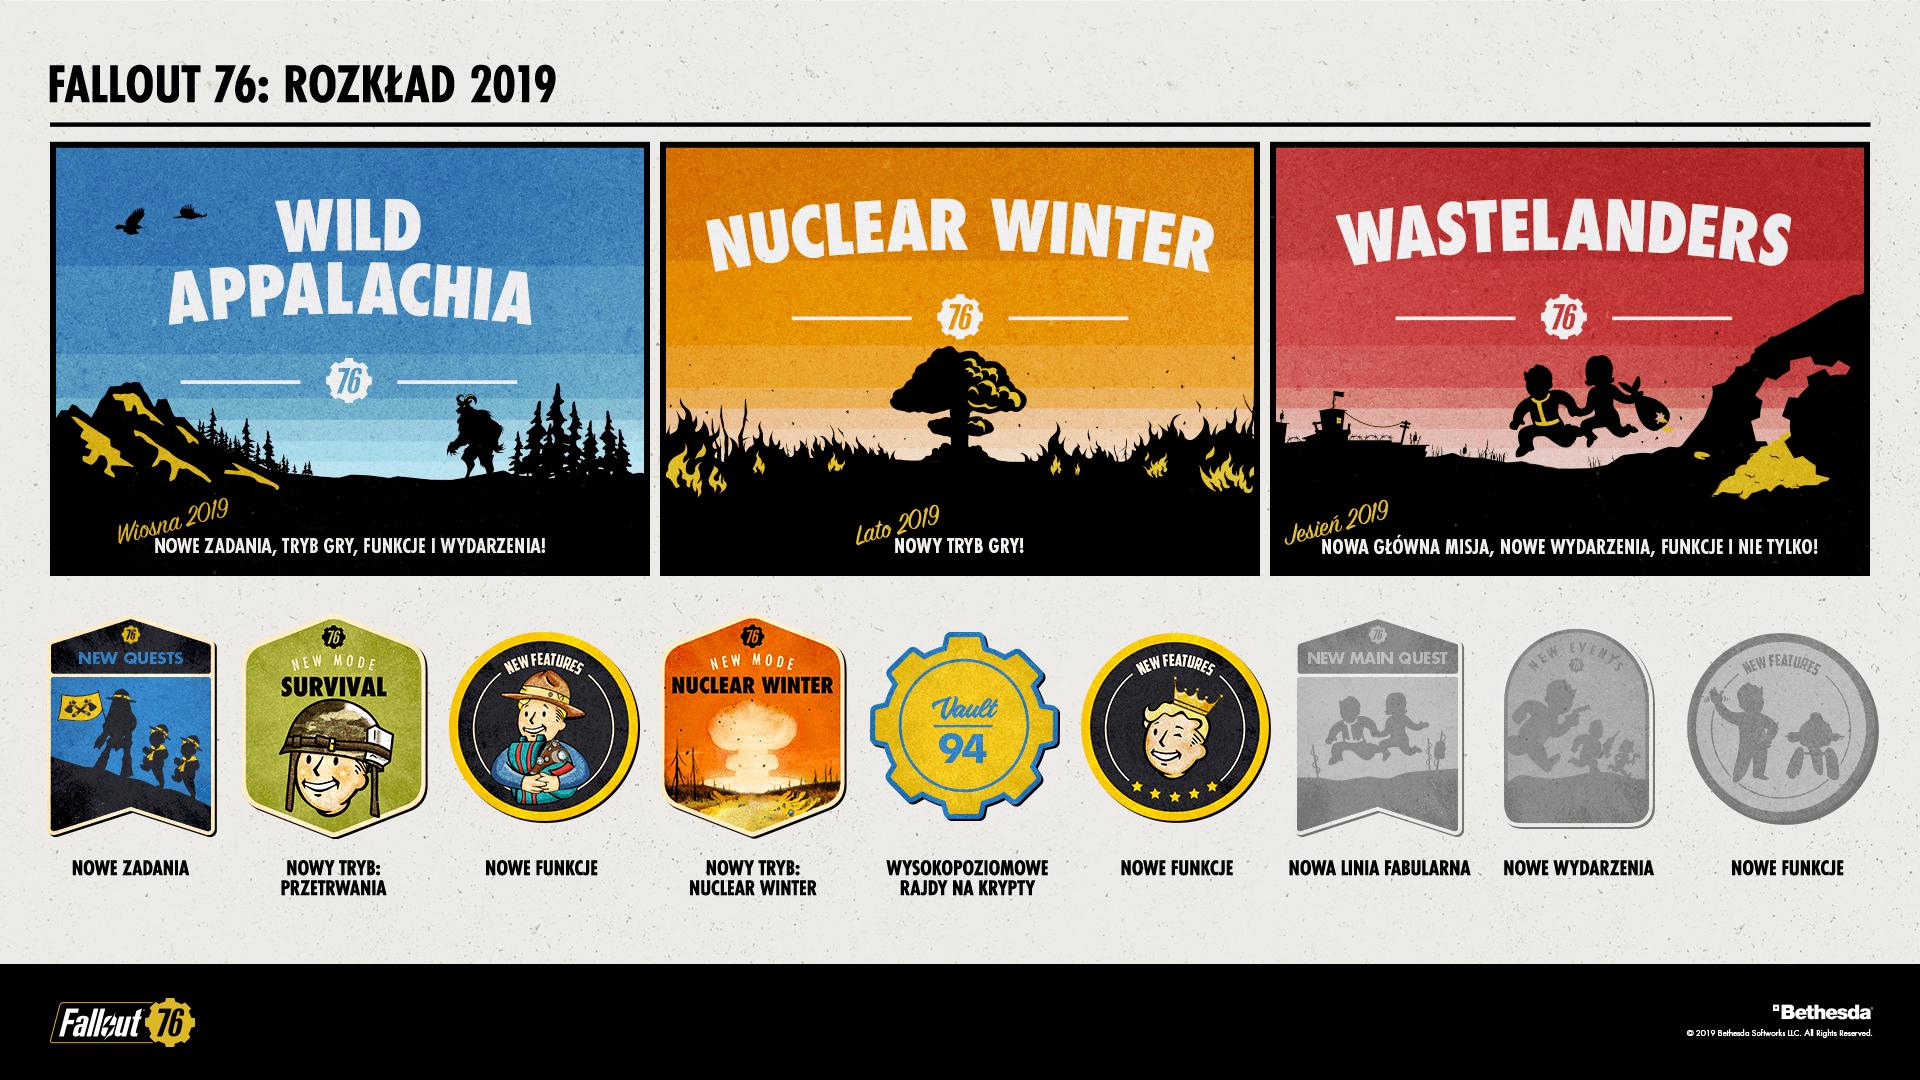 Bethesda się nie poddaje! Wsparcie dla Fallouta 76 na 2019 rok wygląda obiecująco